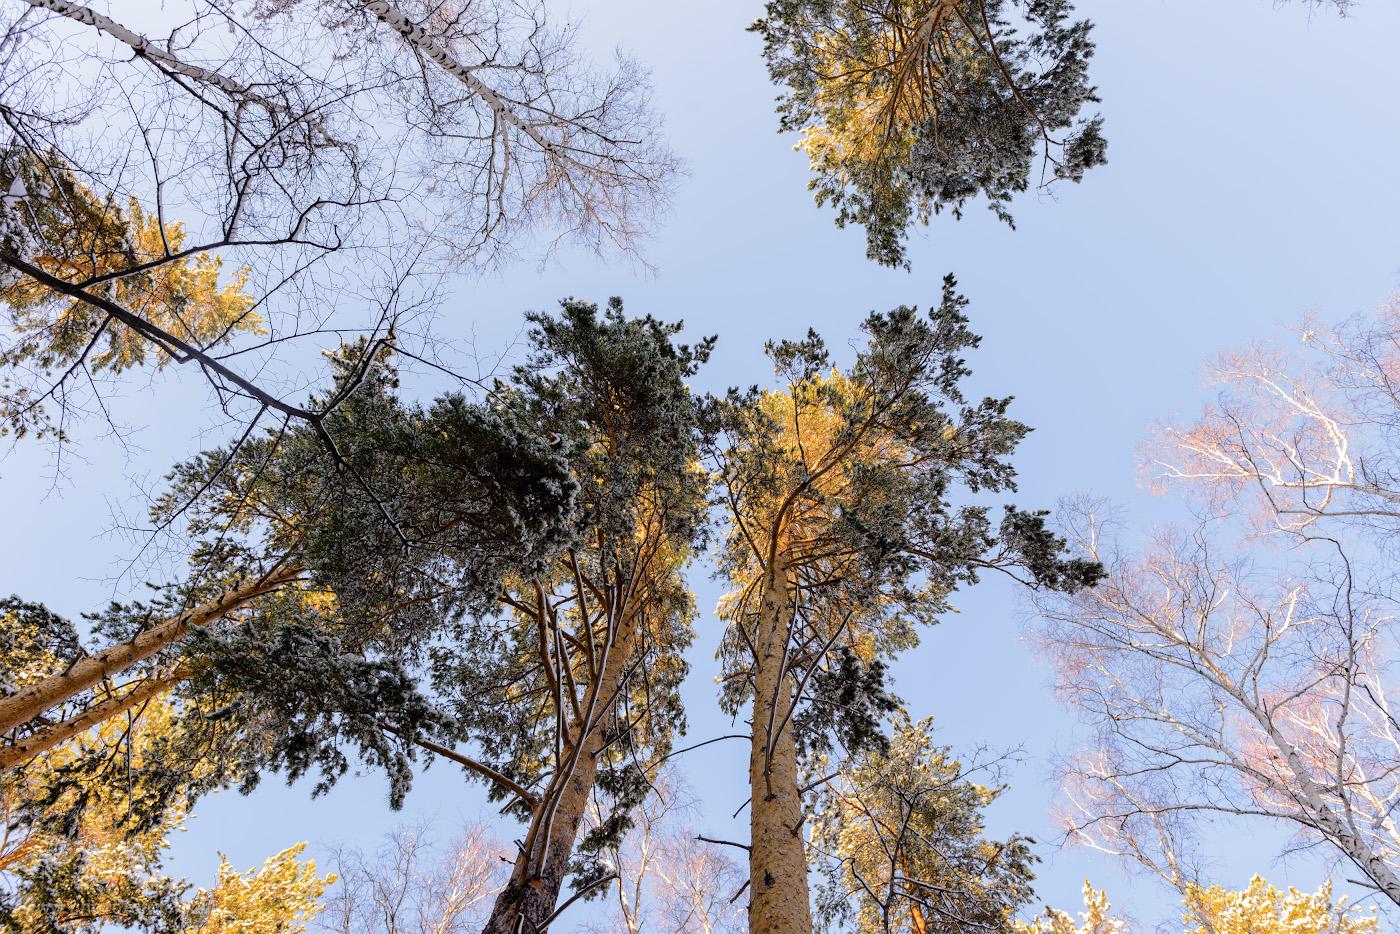 21. Плох тот фотограф, кто сходил в лес и не снял вершины деревьев.